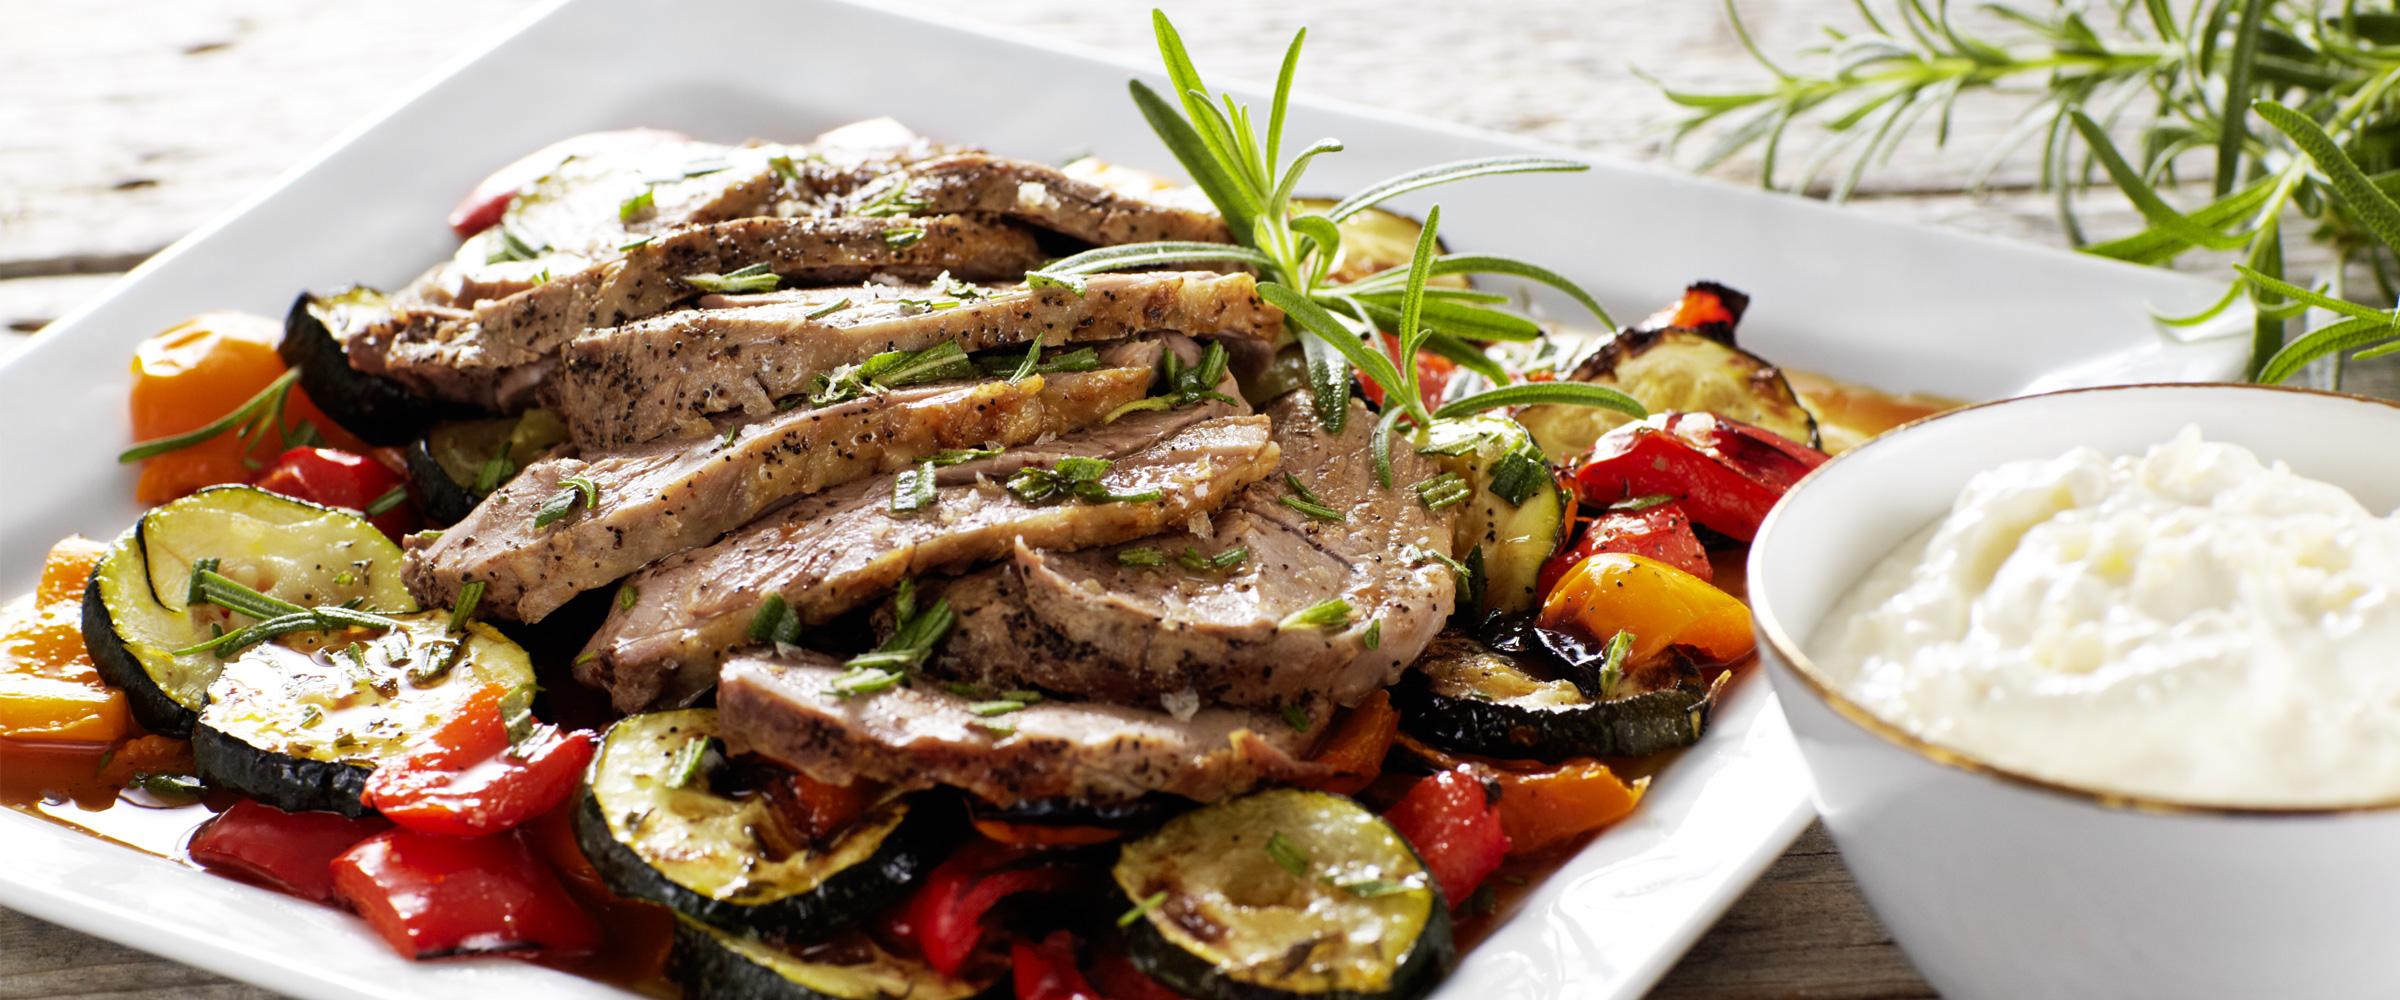 Stek i ugn till middag, massor med recept hos Arla